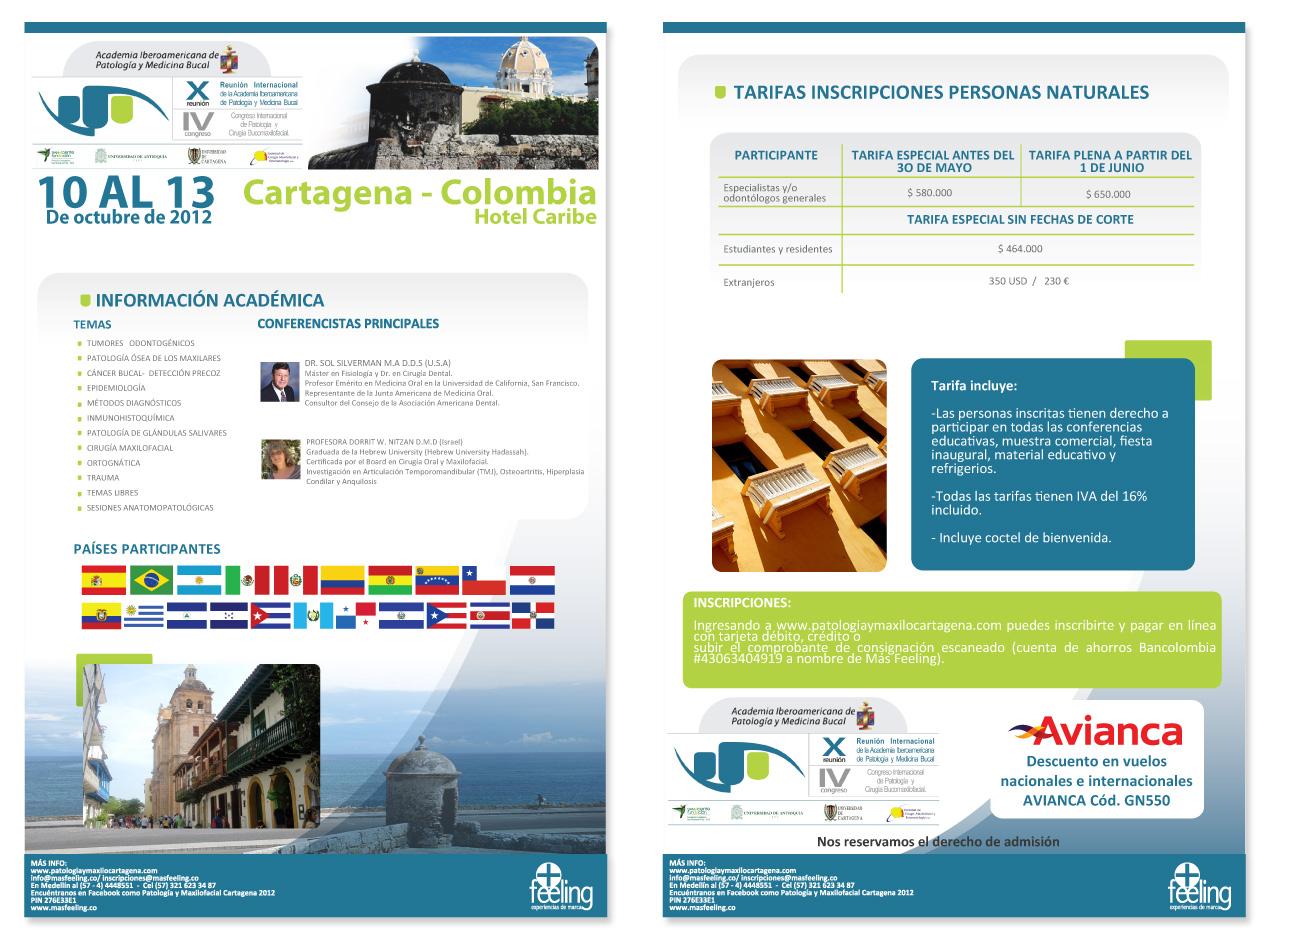 Decima Conferenza Internazionale dell'Accademia Iberoamericana di Patologia e Medicina Orale e Quarto Congresso Internazionale di Patologia e Chirurgia bucco-maxillo-facciale